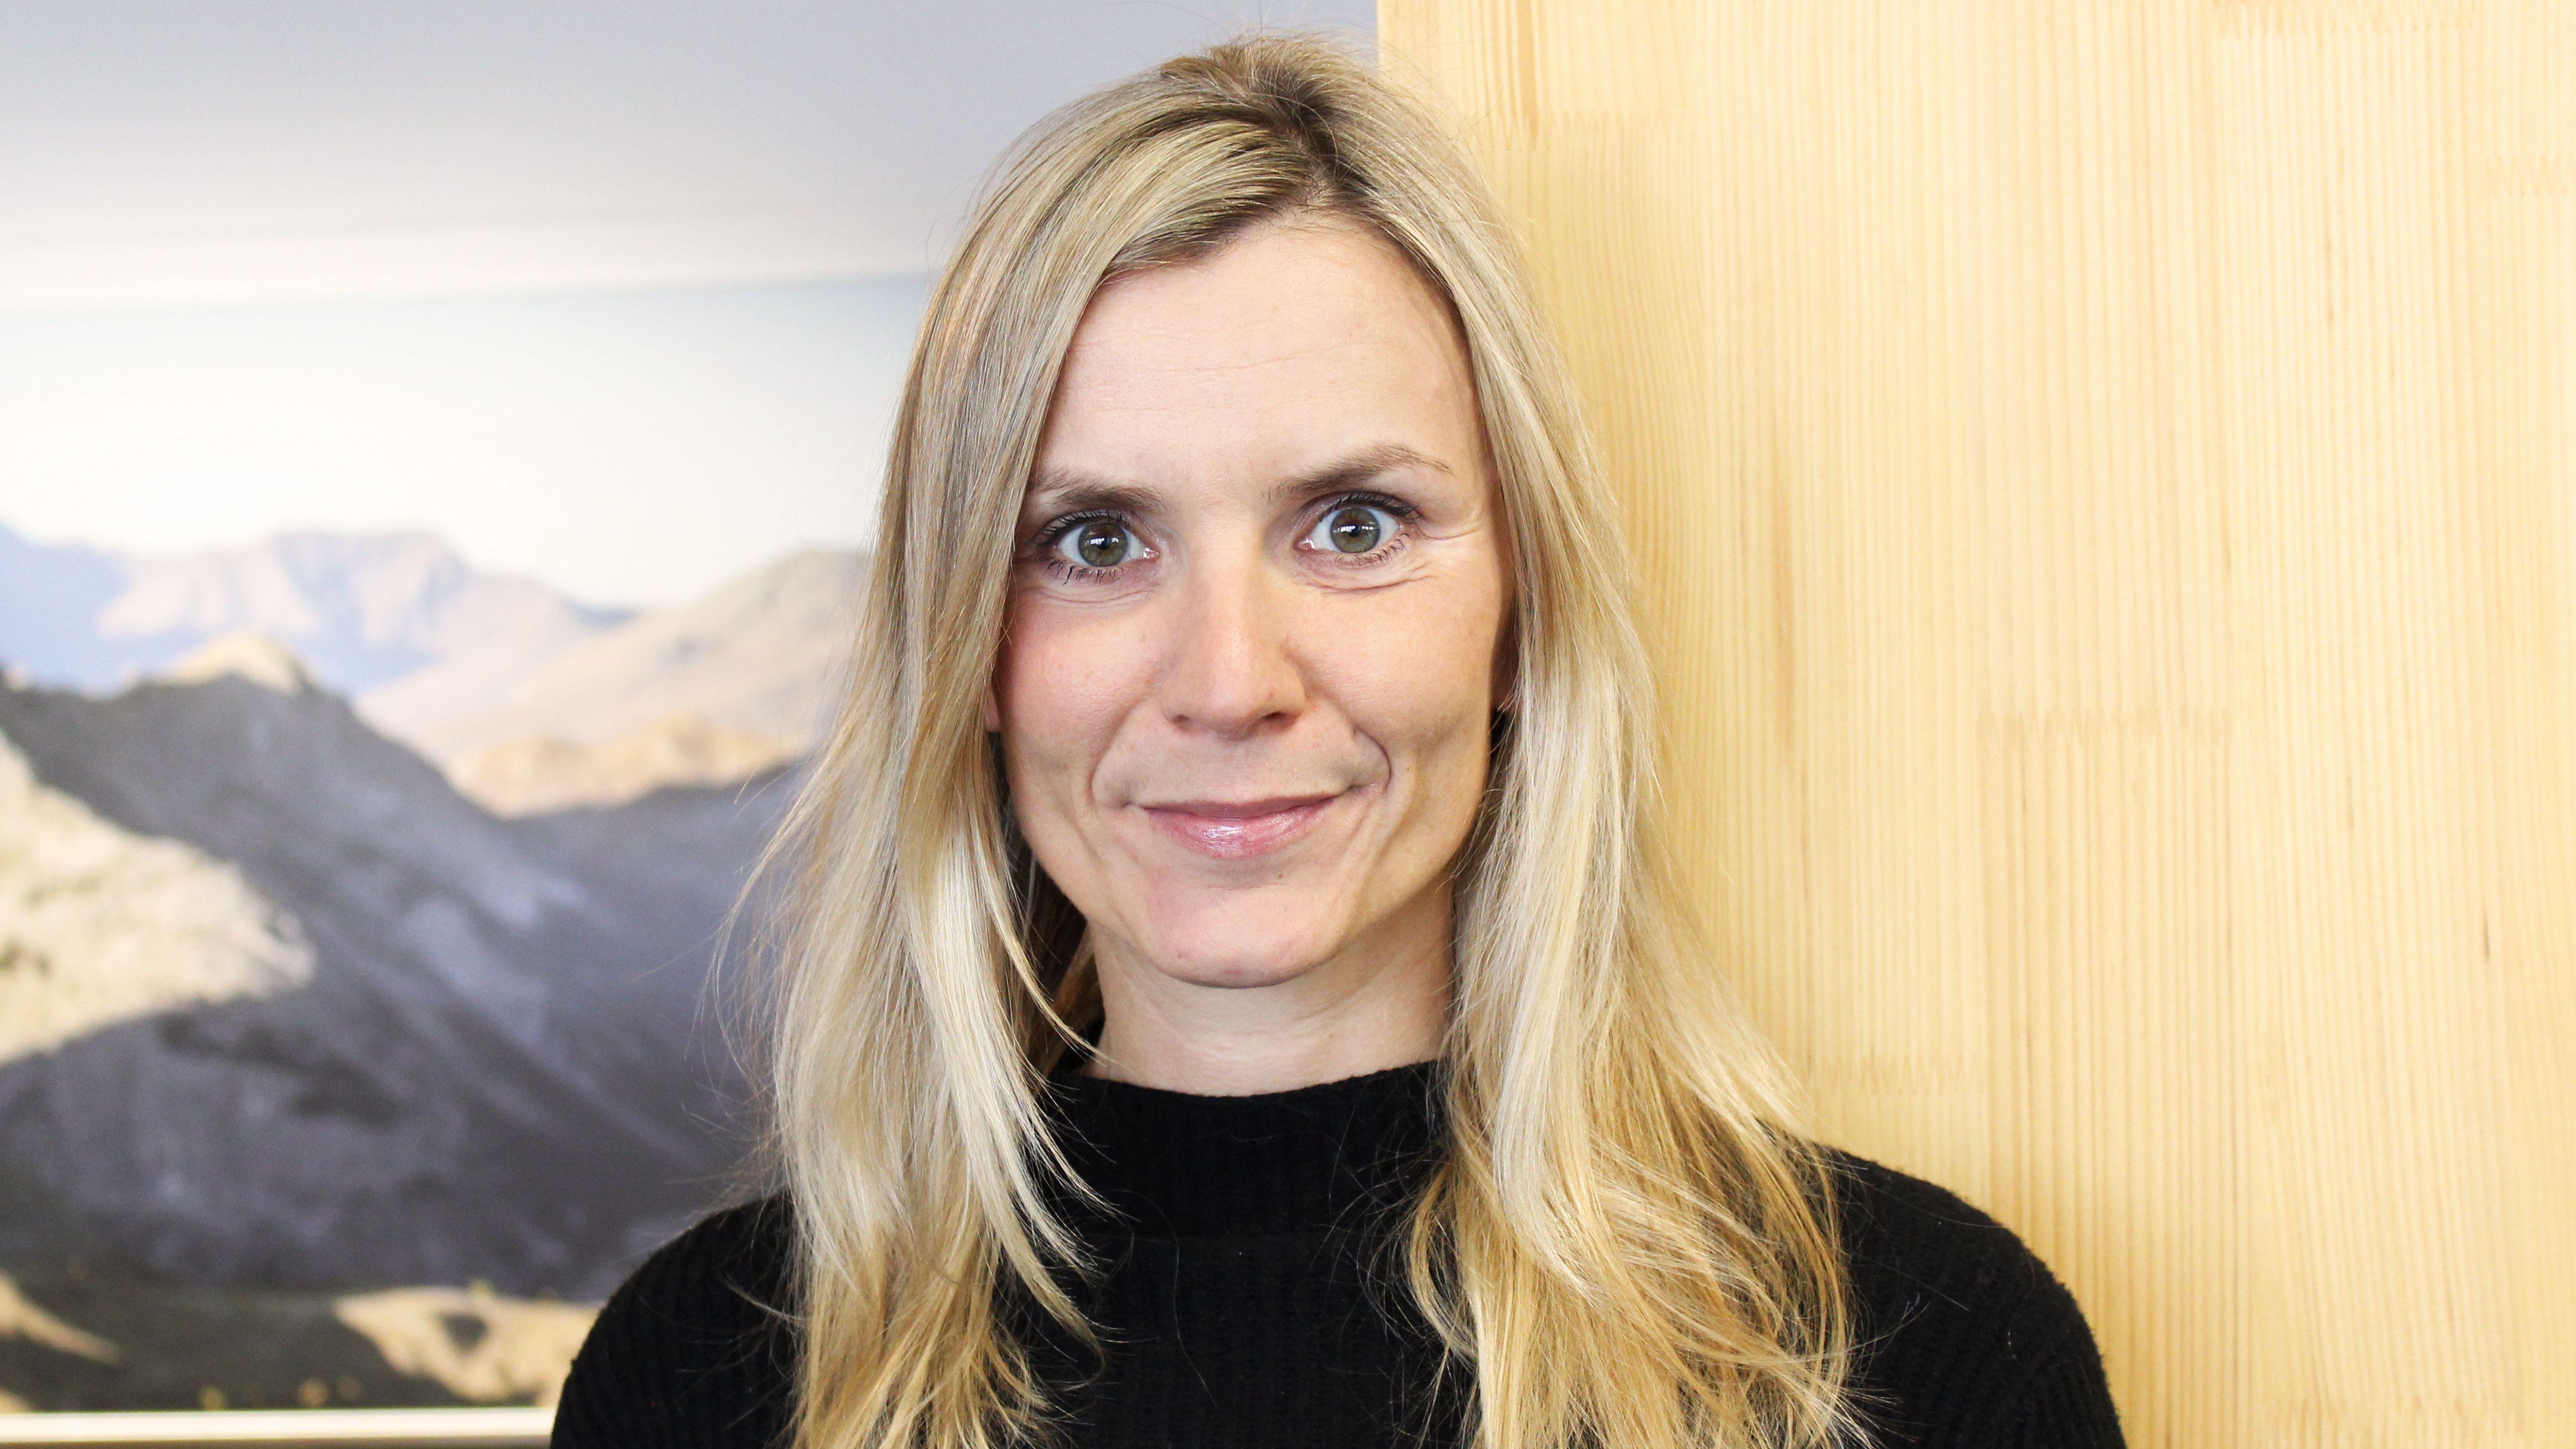 TW-100-Sara-Hallbauer-Head-of-Marketing-Bergzeit-Klettern-im-Wohnzimmer